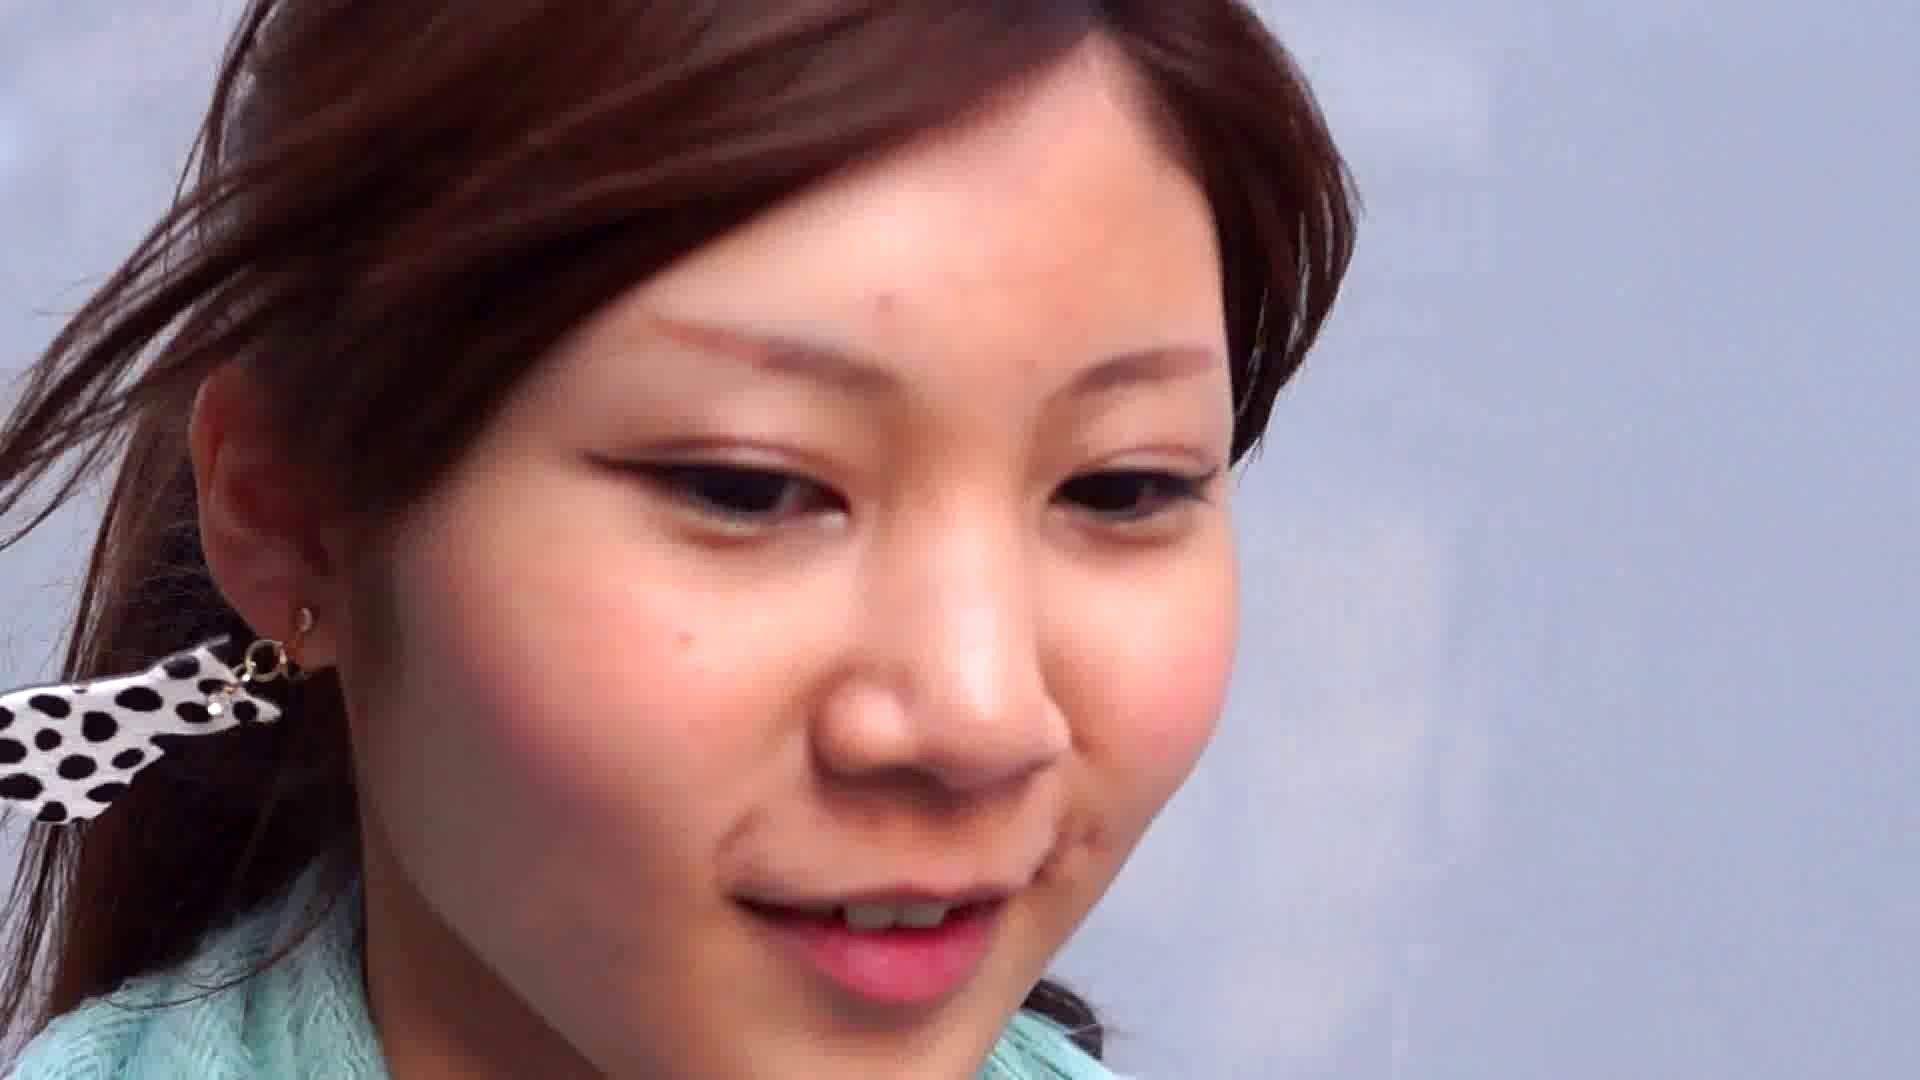 vol.6 2回目の撮影!ガードの固い瑞希ちゃんにTKSさんが挑む OLの裸事情  99枚 6